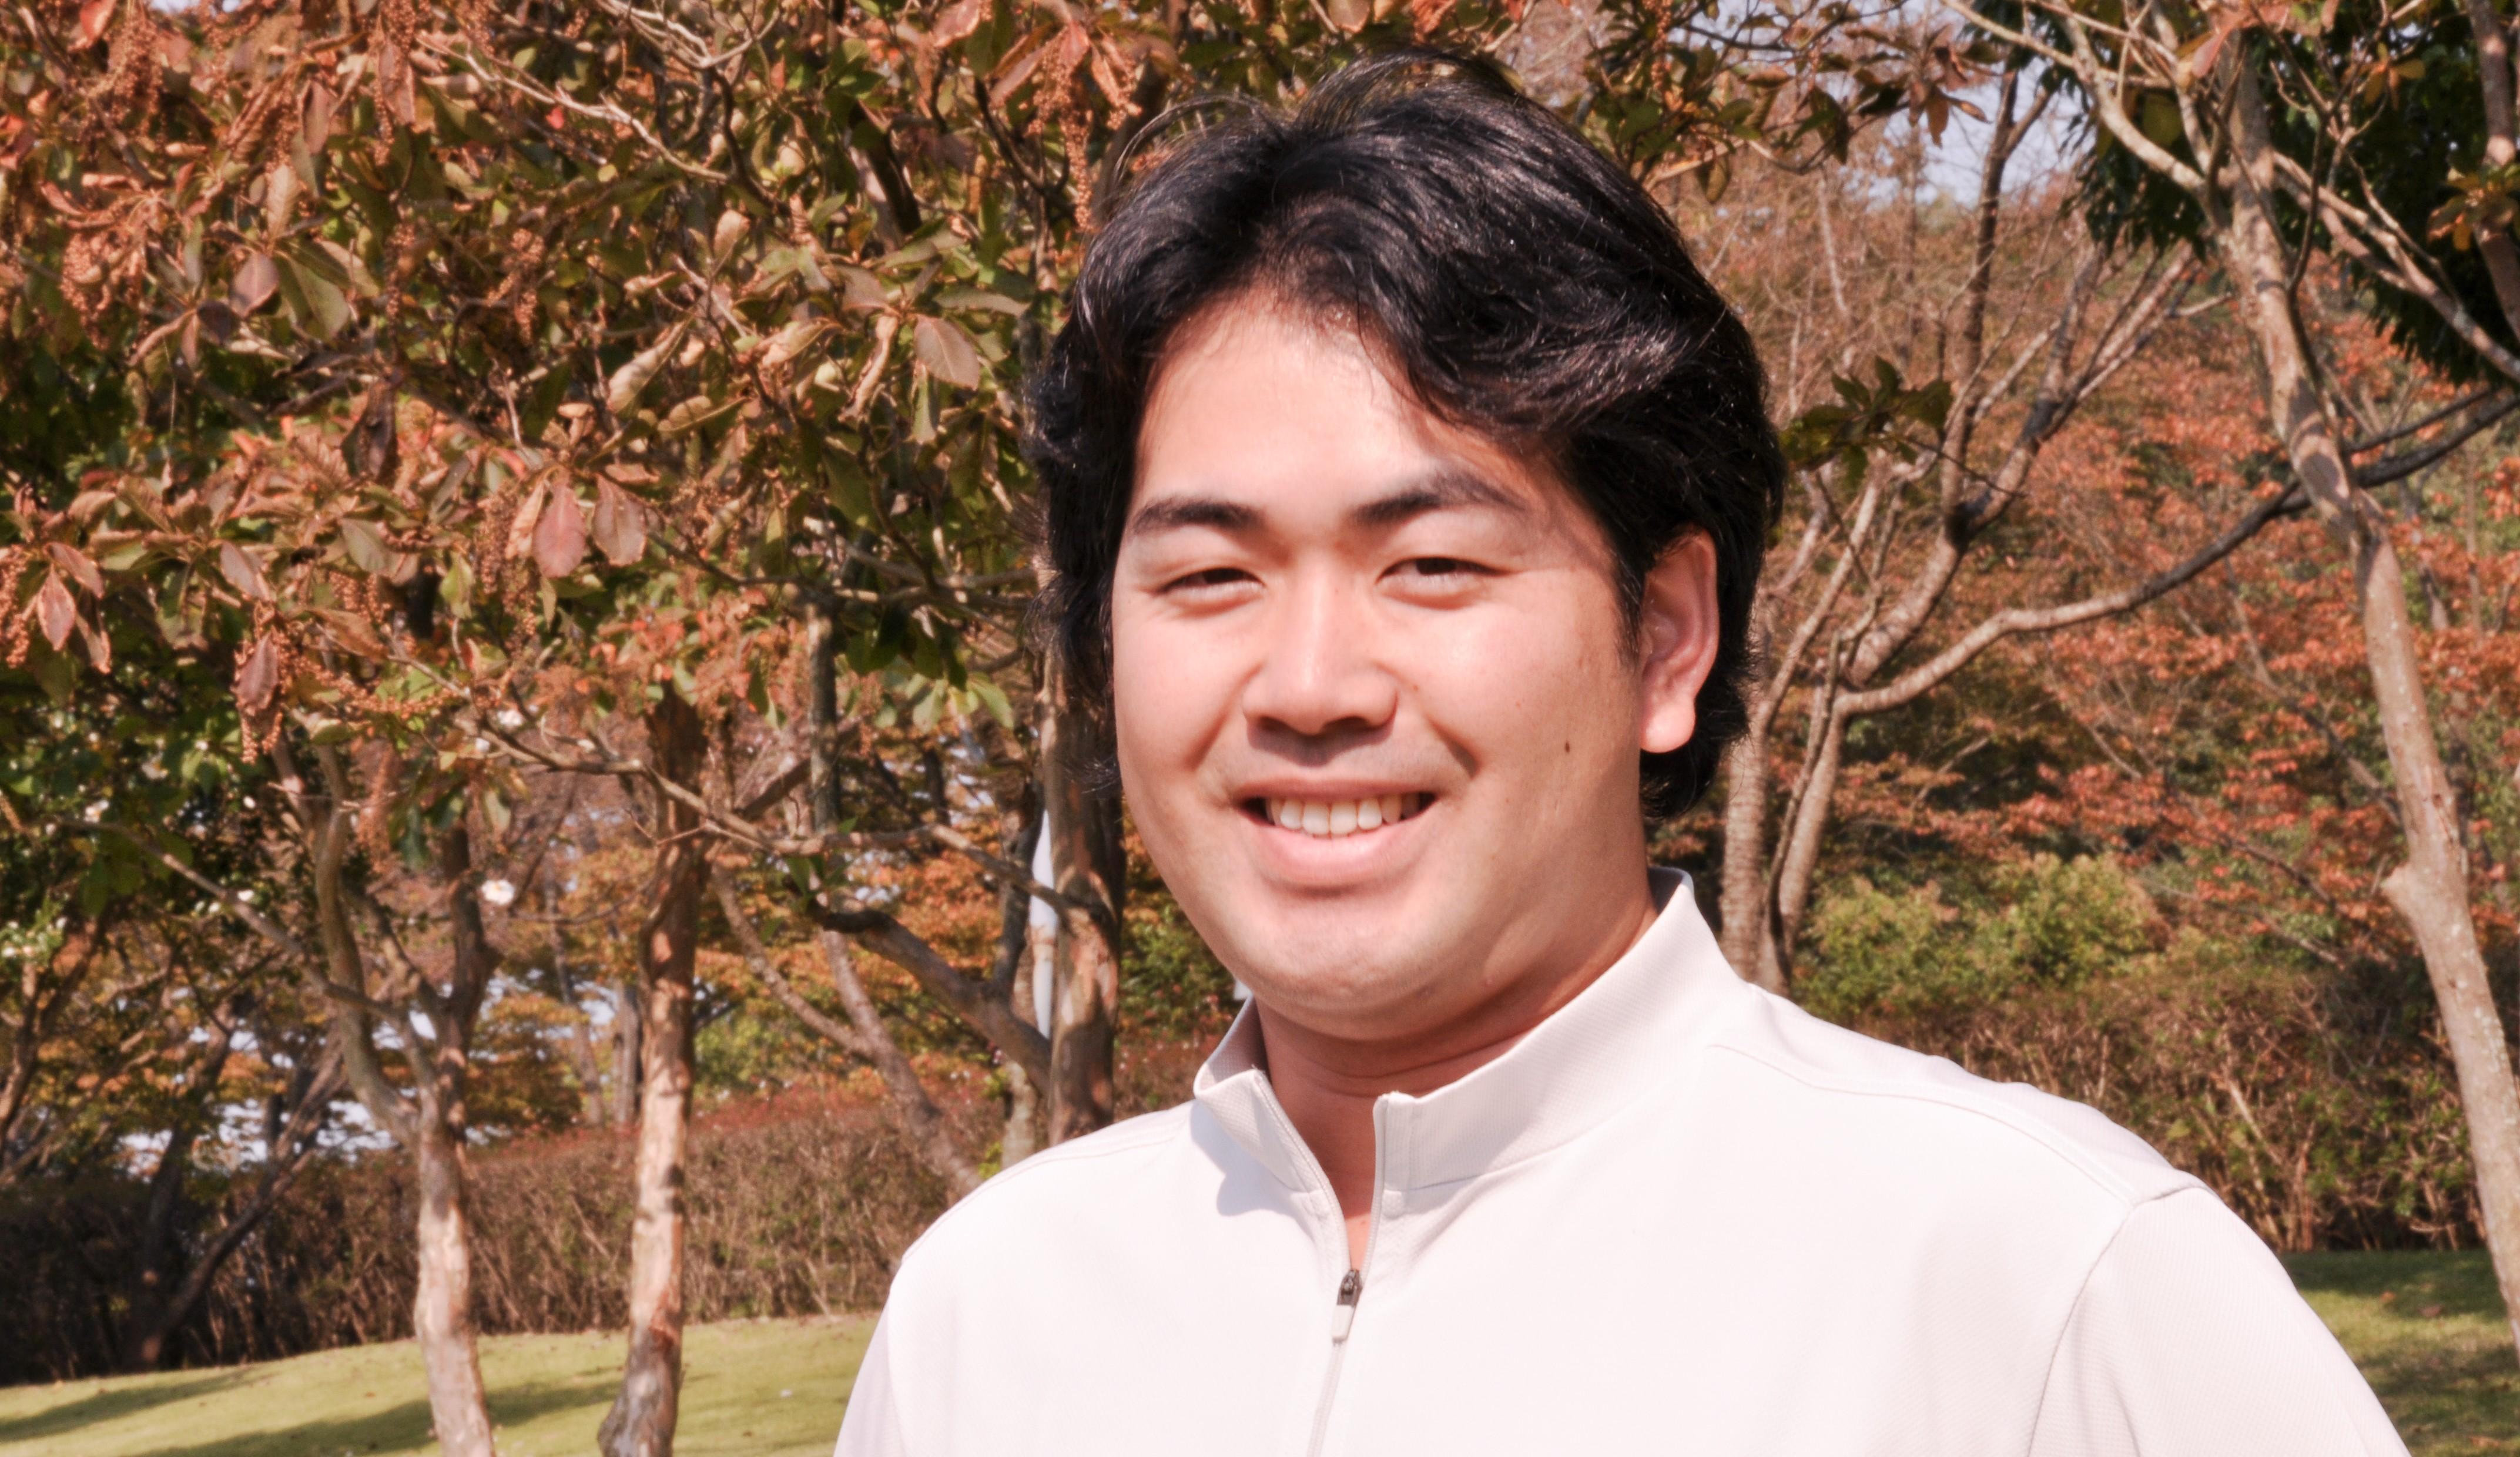 【ゴルフ】ゴルフレボリューション レッスン1 グリップ presented by岸副哲也